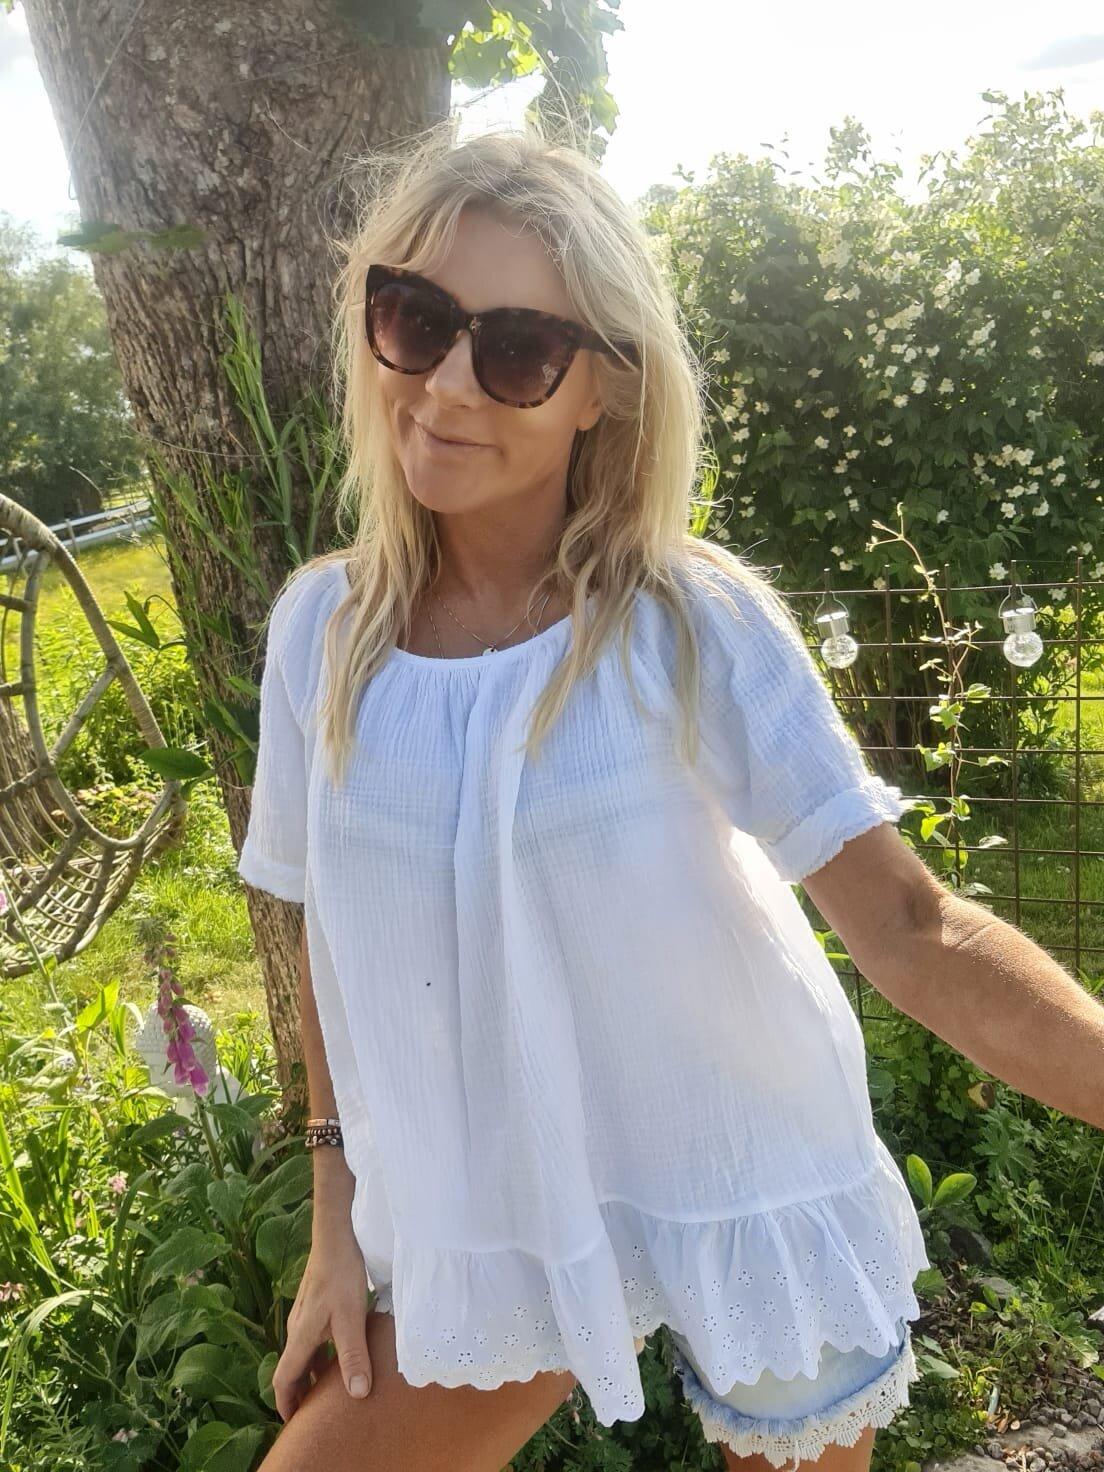 Christa-topp - Blonder og vaffel - Hvit